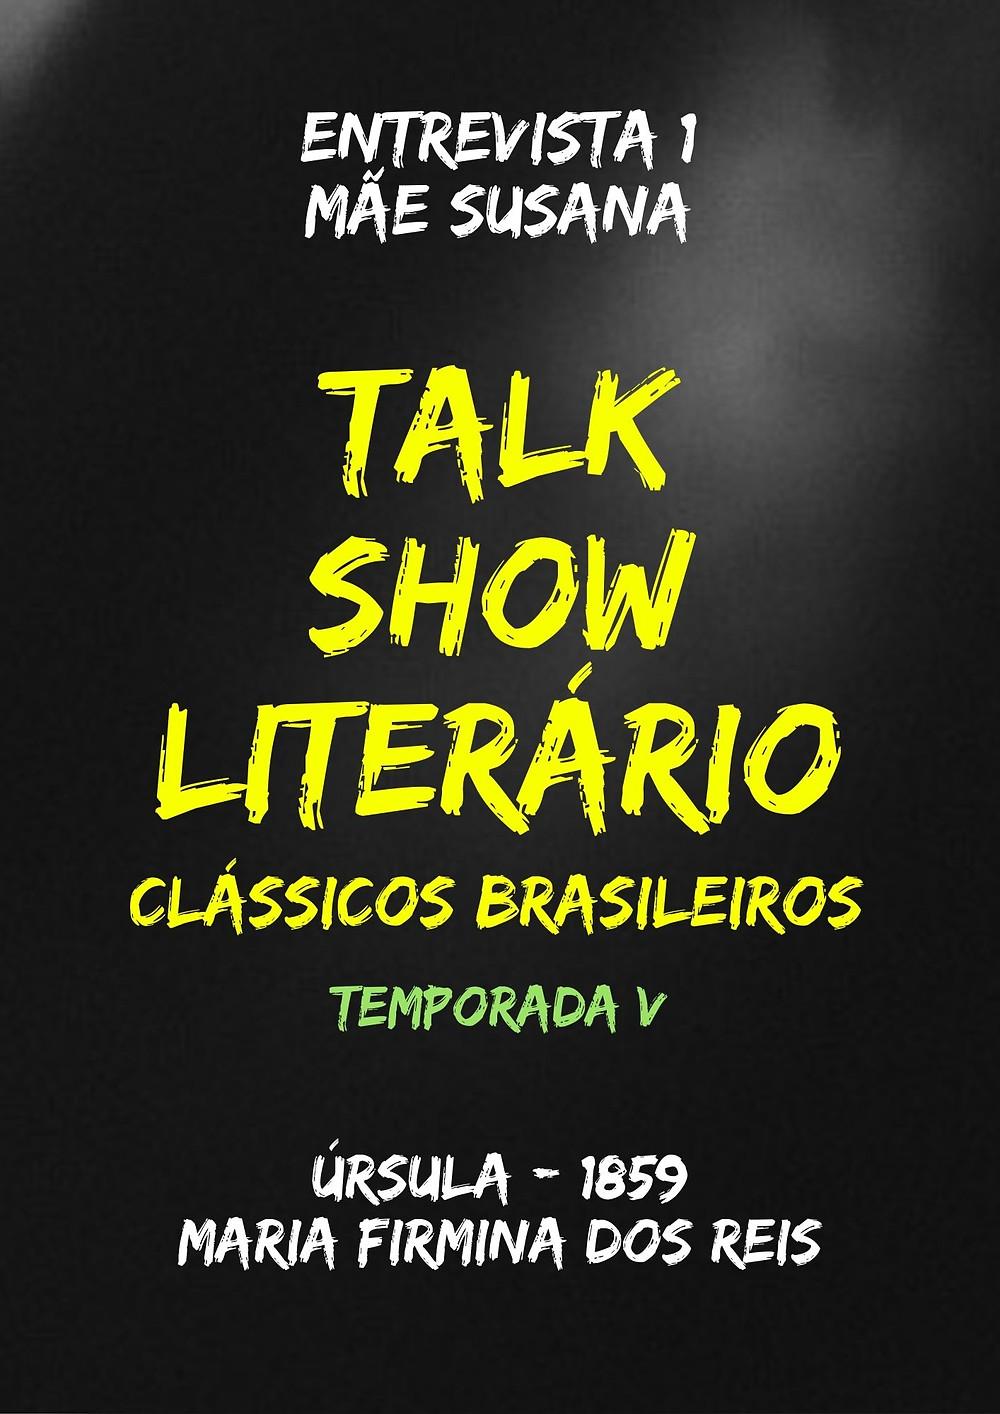 Talk Show Literário: Mãe Susana - Úrsula - Maria Firmina dos Reis